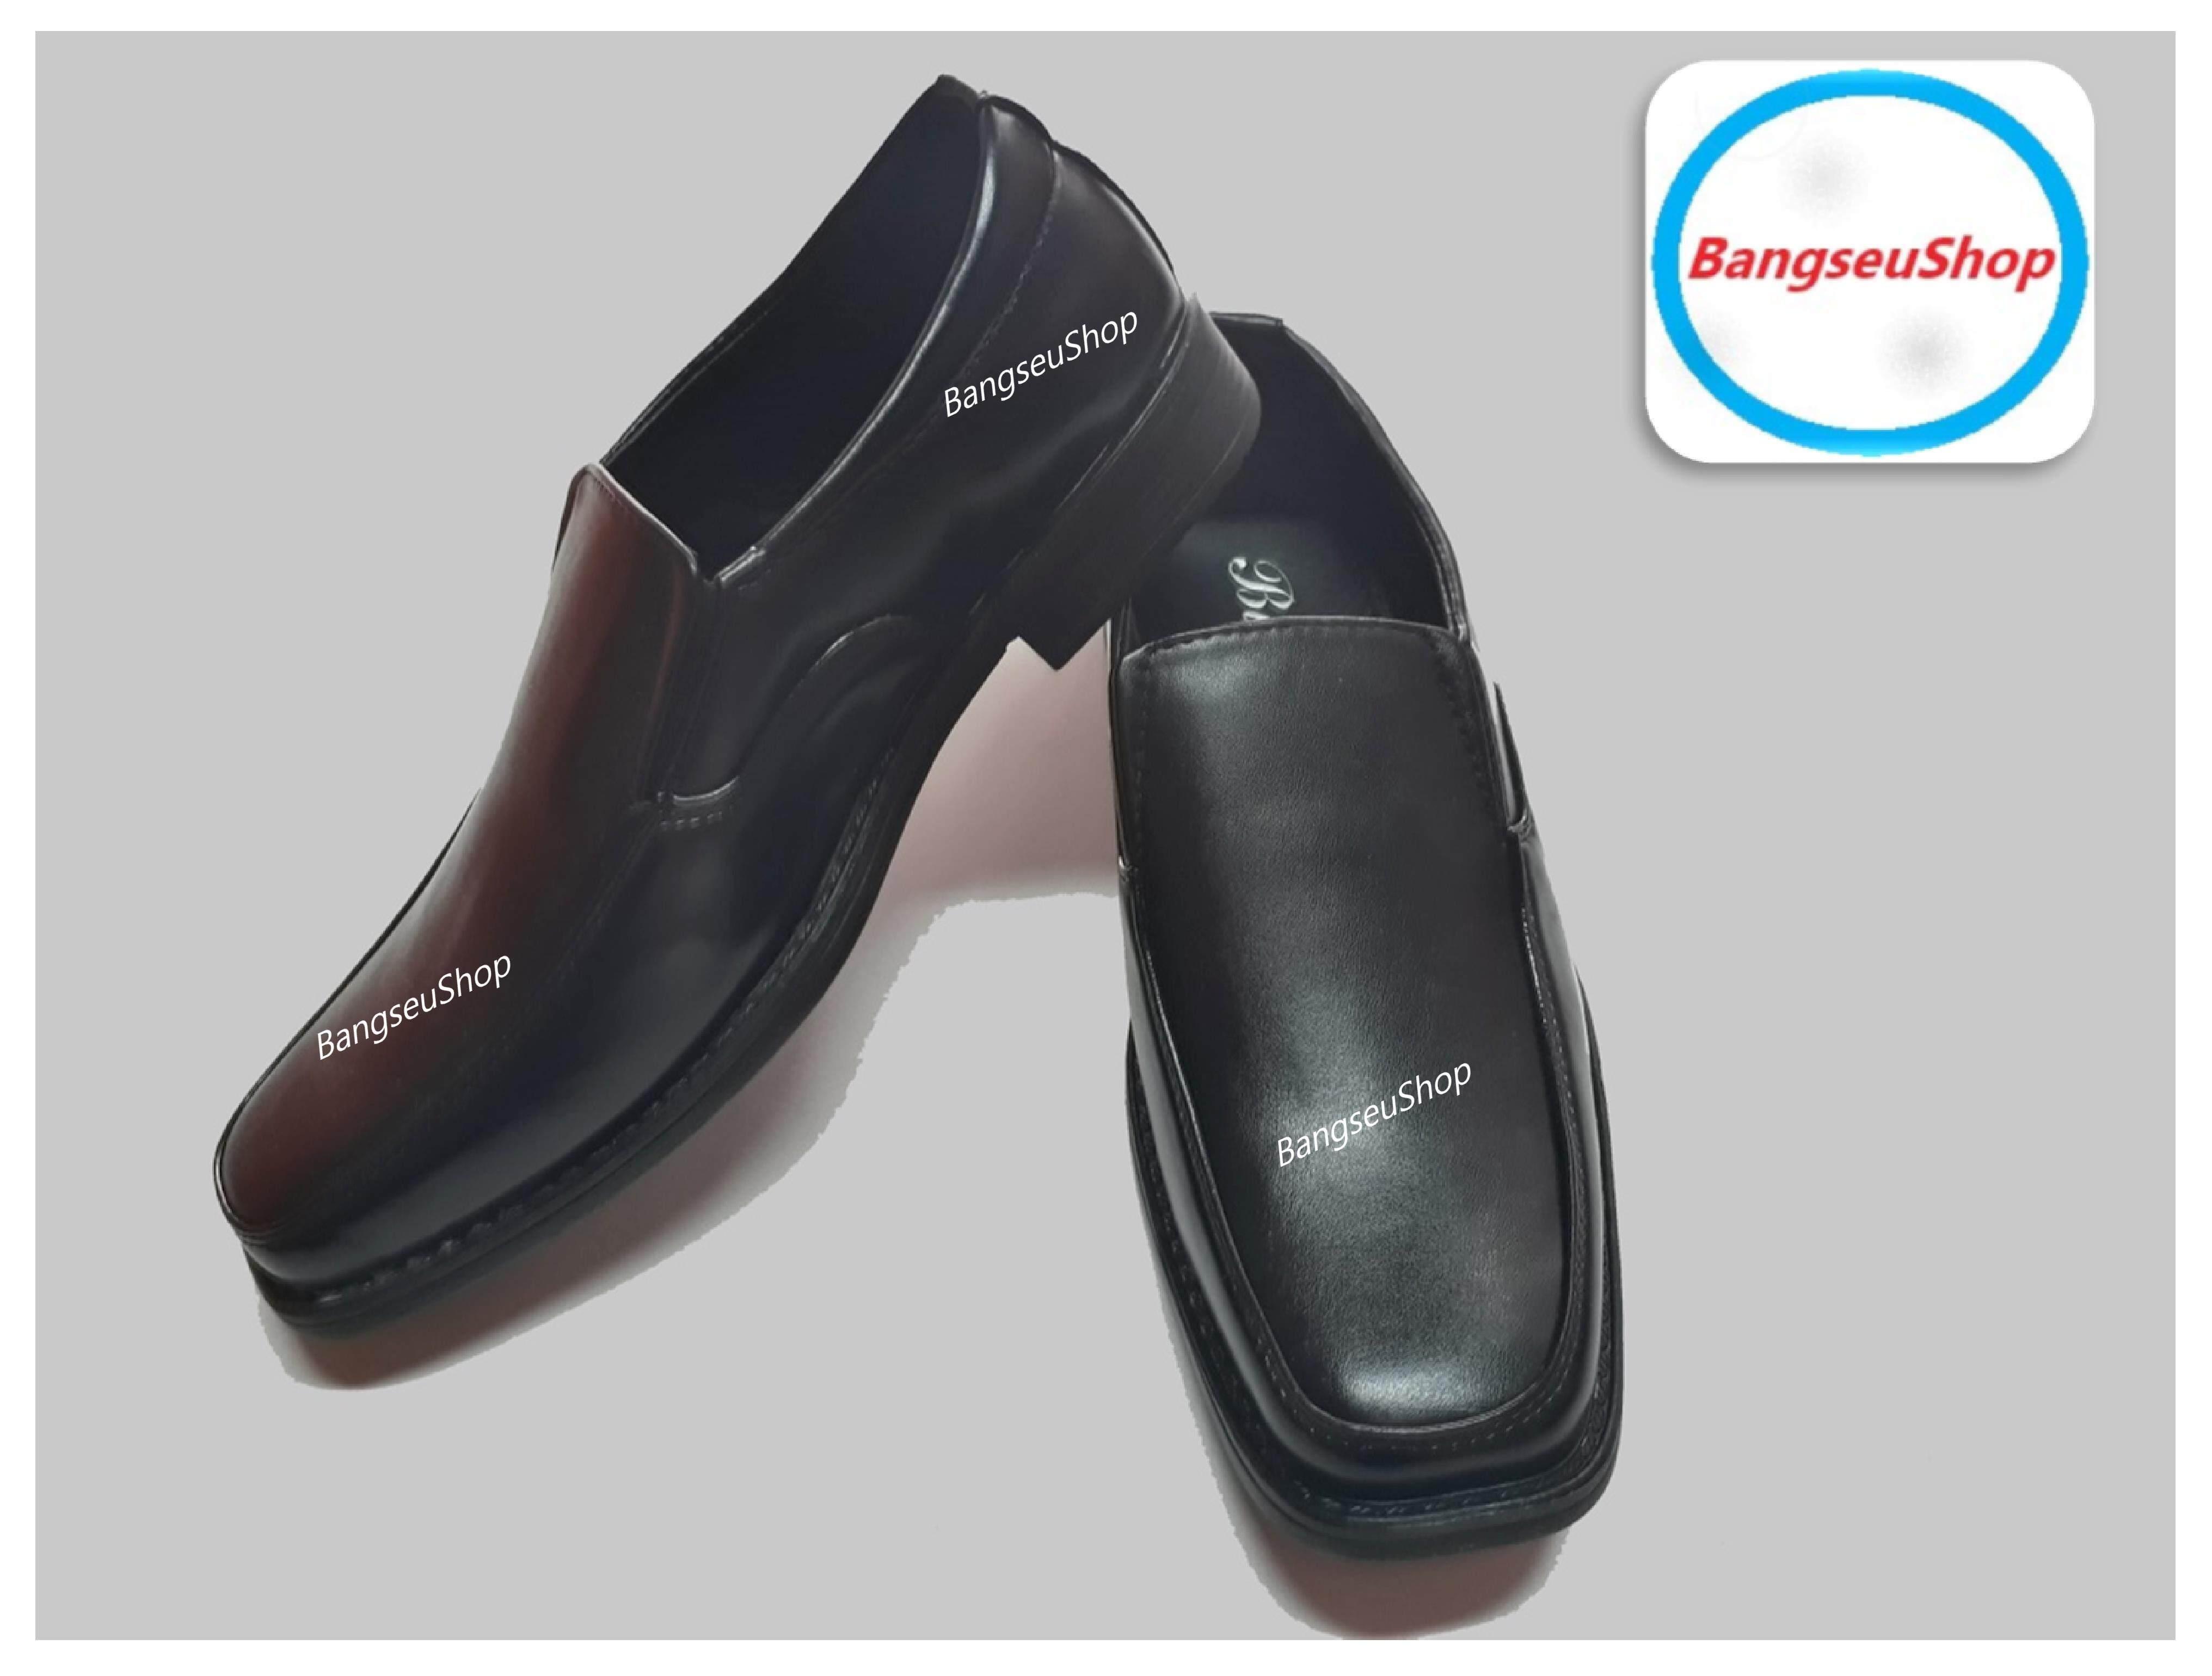 รองเท้าหนังชาย รองเท้าคัชชู พื้นเย็บ สีดำ.